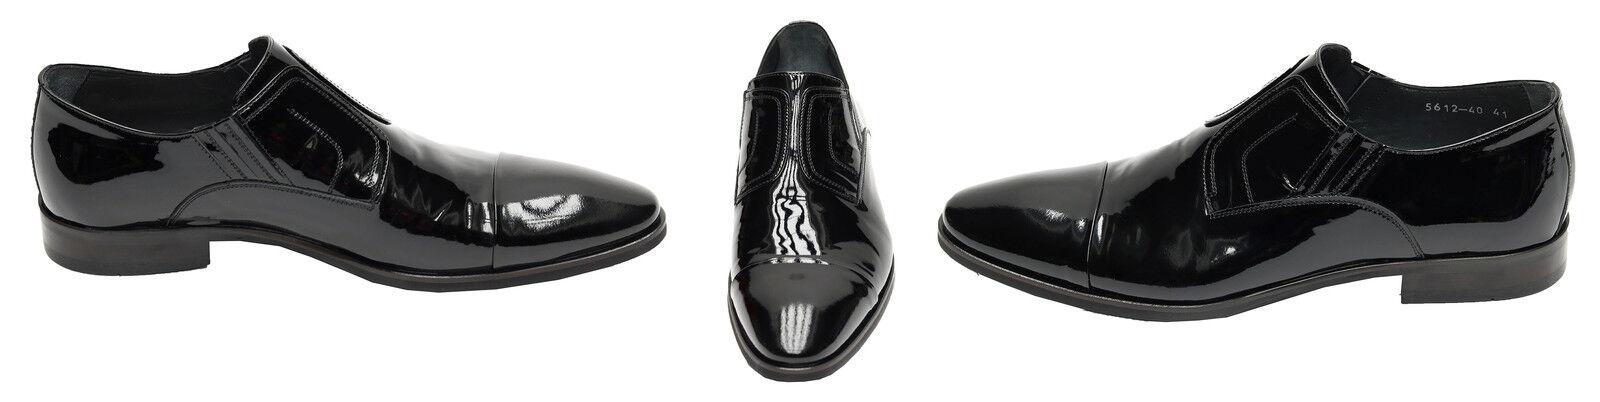 Billig gute Qualität Echtleder Herren Herren Herren Schuhe Muga*5612*Gr.39 Schwarz 5da82b